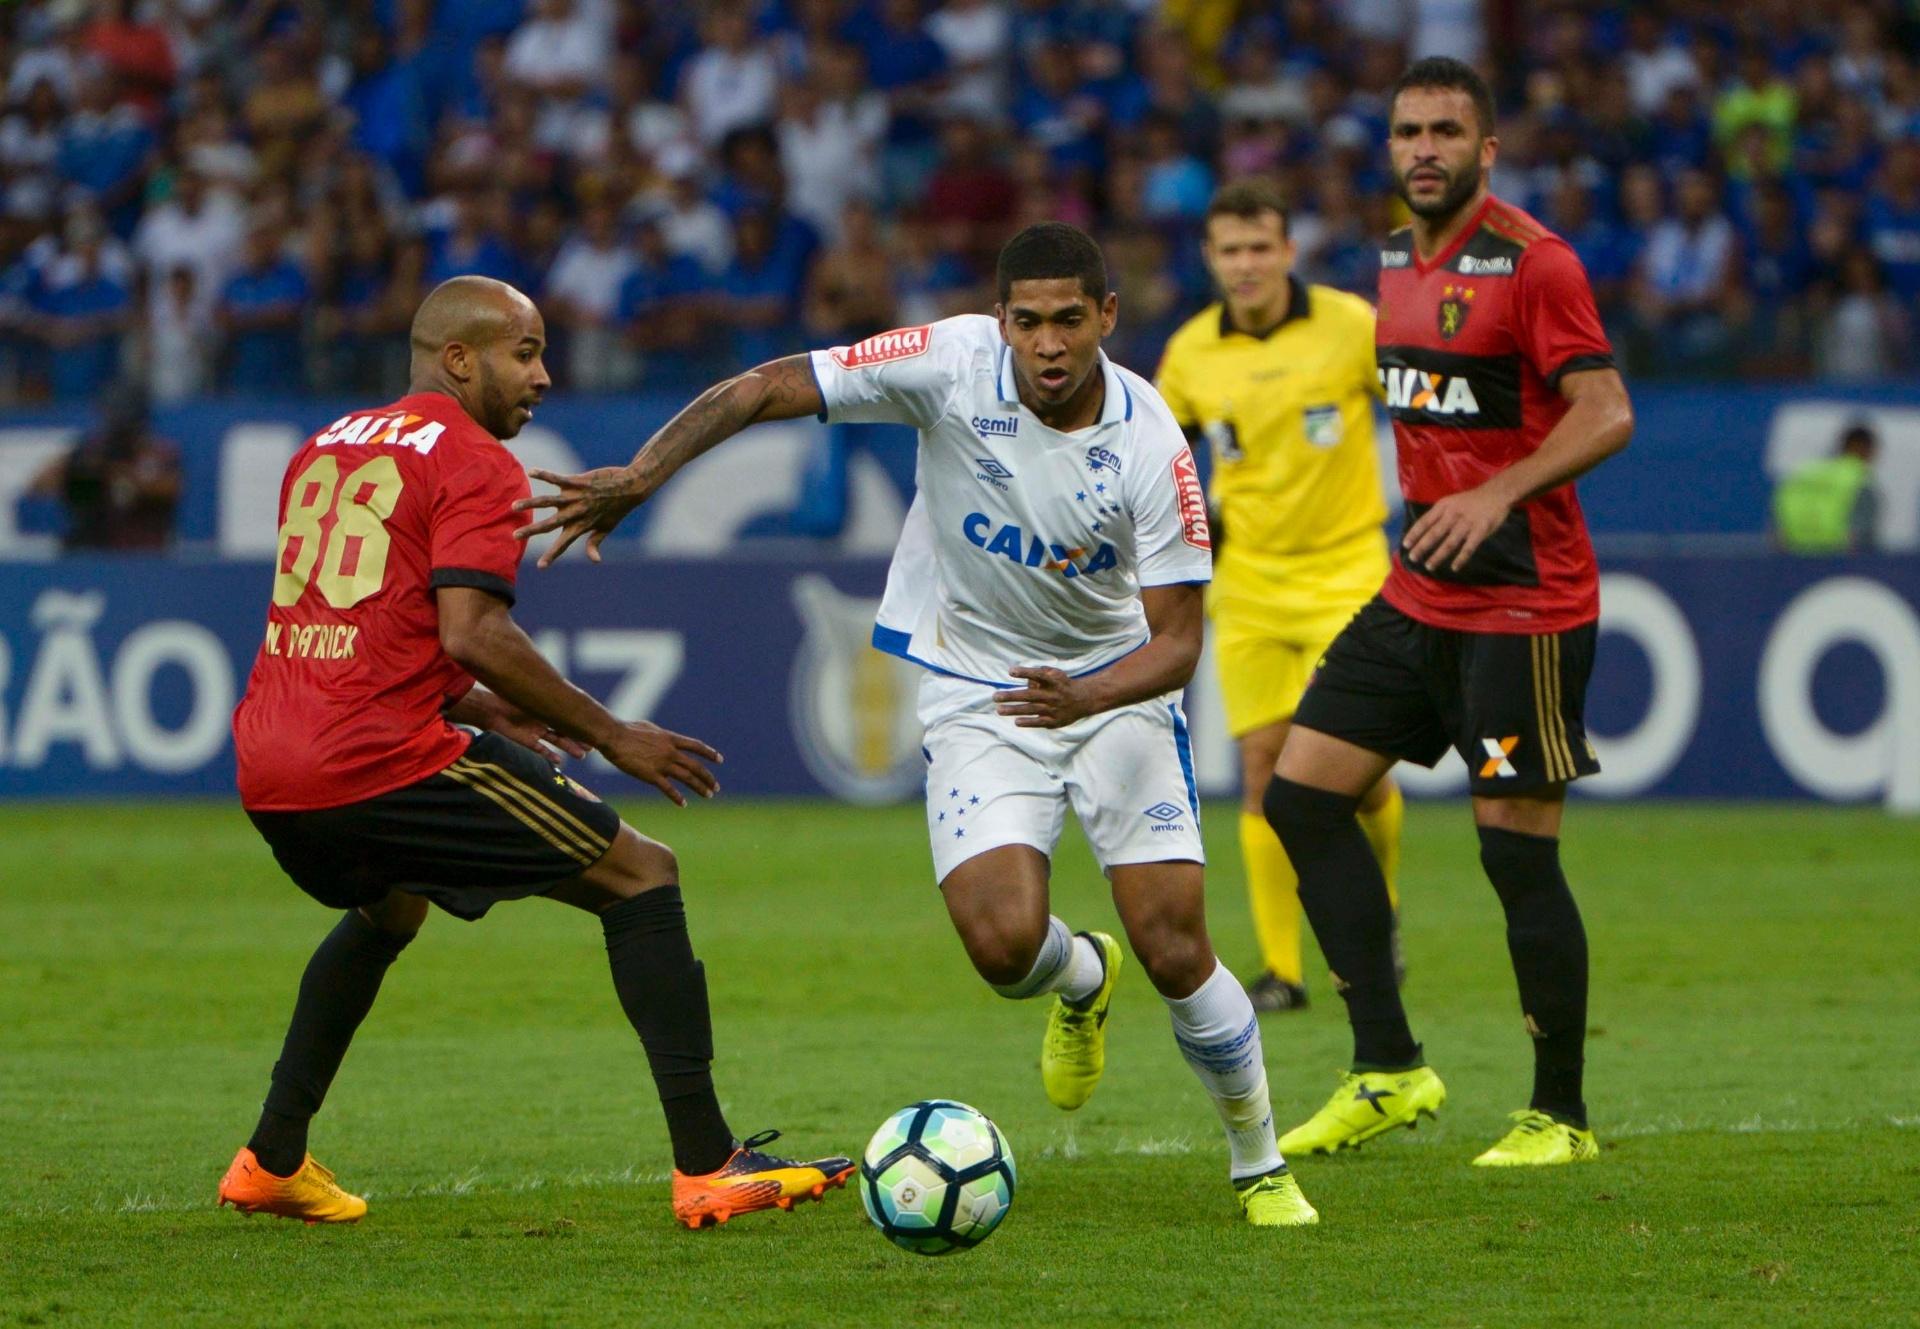 18d0876202 Xodó do Cruzeiro superou perda da família e doping por cocaína pelo futebol  - Esporte - BOL